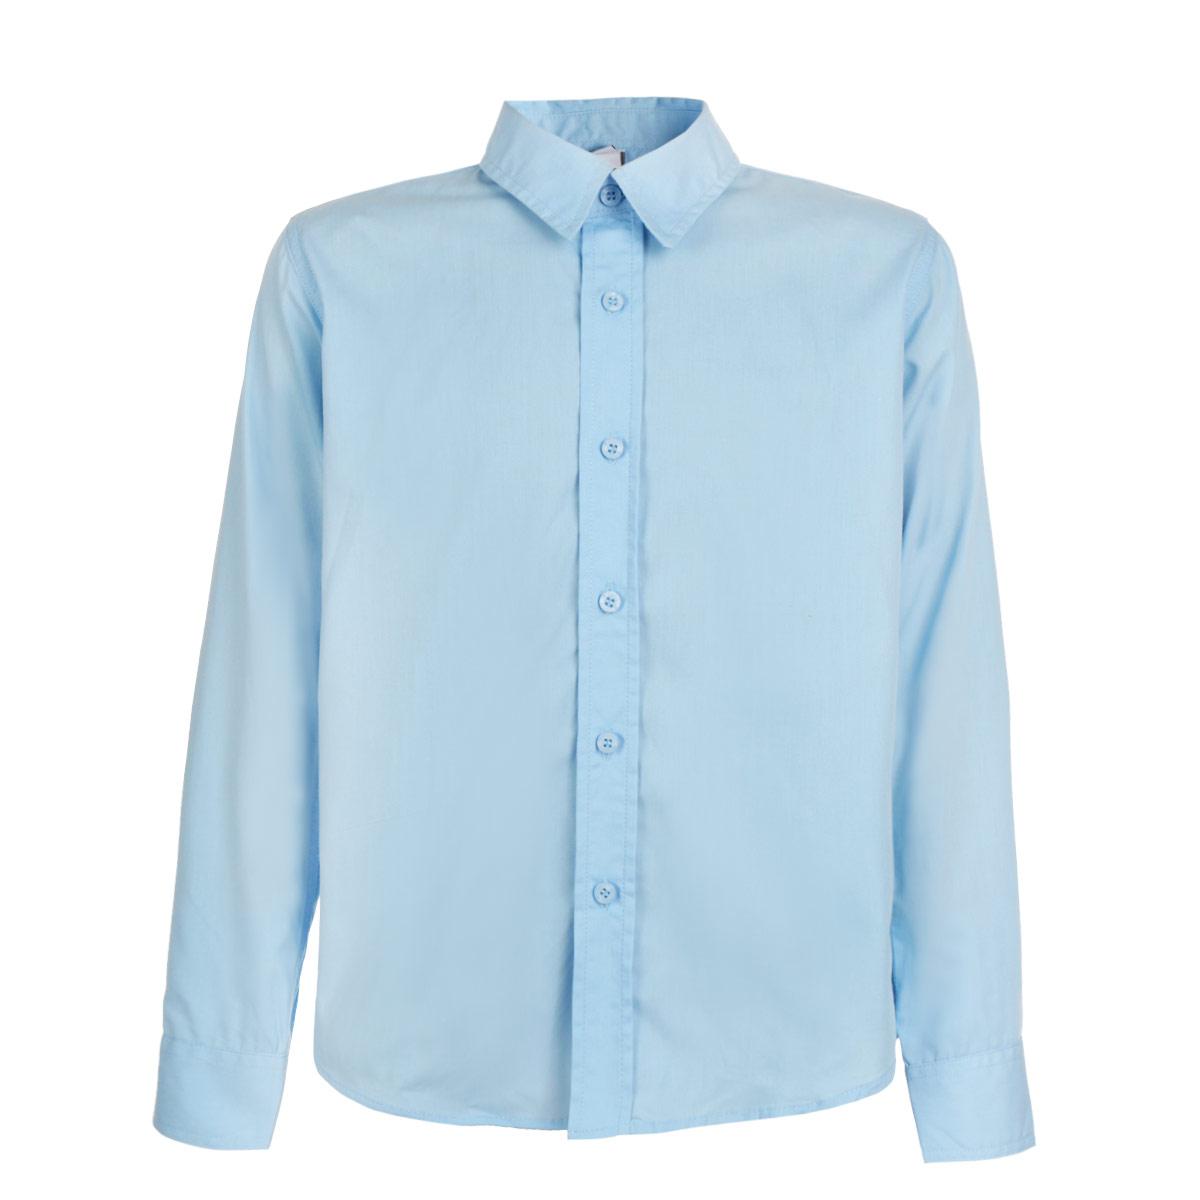 Рубашка для мальчика. 353010353010Стильная рубашка для мальчика Scool с длинными рукавами идеально подойдет вашему маленькому мужчине. Изготовленная из хлопка с добавлением полиэстера, она необычайно мягкая и приятная на ощупь, не сковывает движения ребенка и позволяет коже дышать, не раздражает даже самую нежную и чувствительную кожу, обеспечивая ему наибольший комфорт. Рубашка классического кроя с отложным воротничком застегивается на пуговицы. Рукава имеют широкие манжеты, также застегивающиеся на две пуговицы. Низ модели по бокам закруглен. Современный дизайн и расцветка делают эту рубашку модным и стильным предметом детского гардероба. В ней ваш ребенок всегда будет в центре внимания!